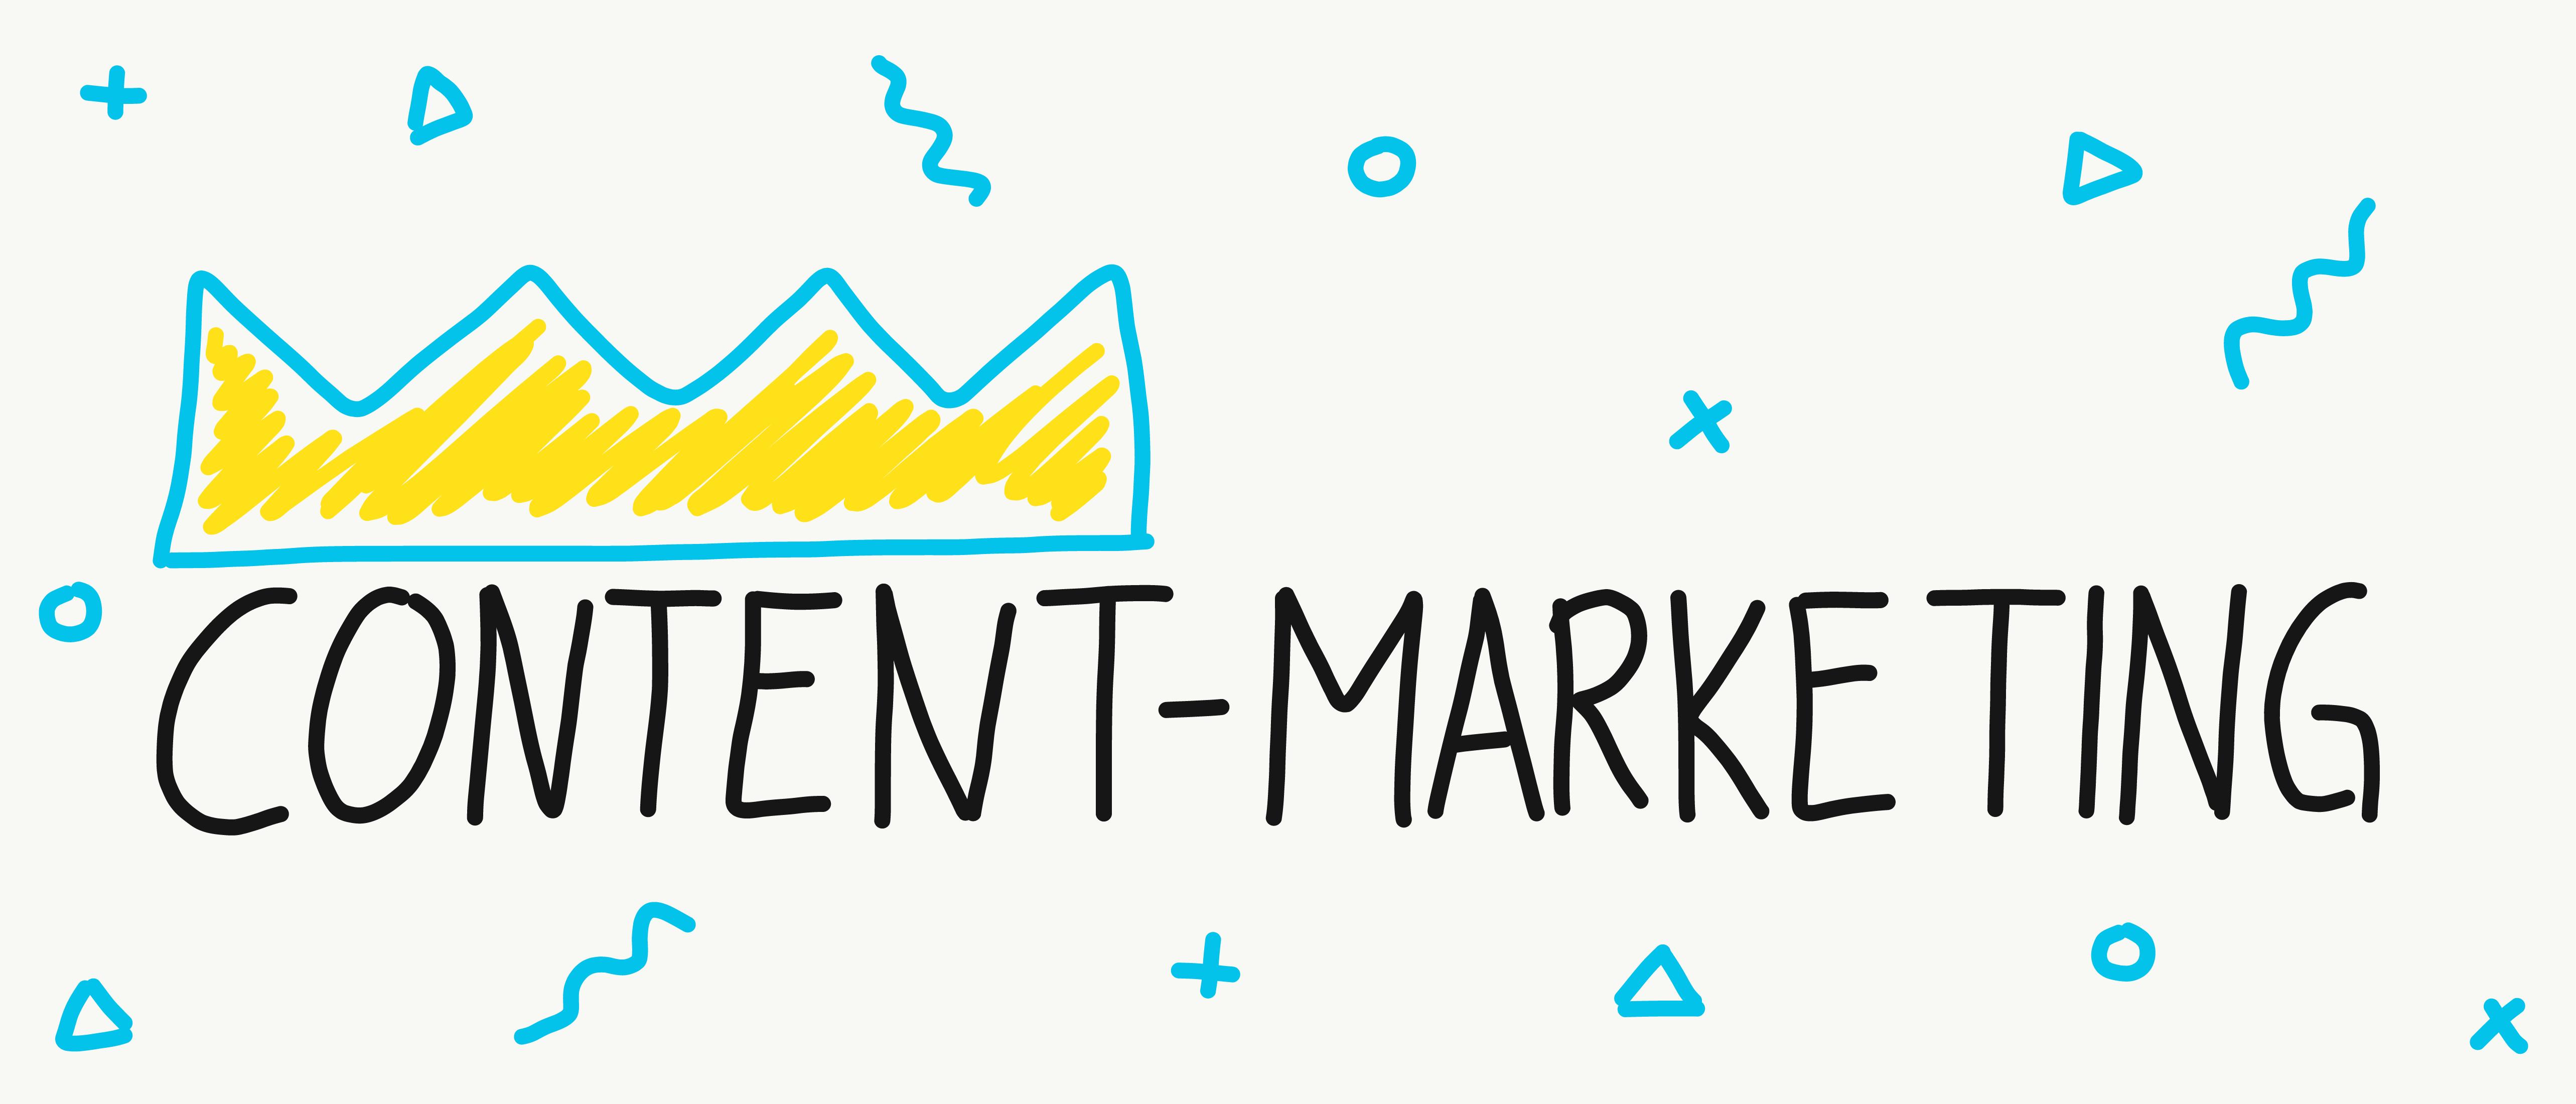 """Das Wort """"Content-Marketing"""" in digitaler Handschrift. Das Wort Content trägt eine Krone."""